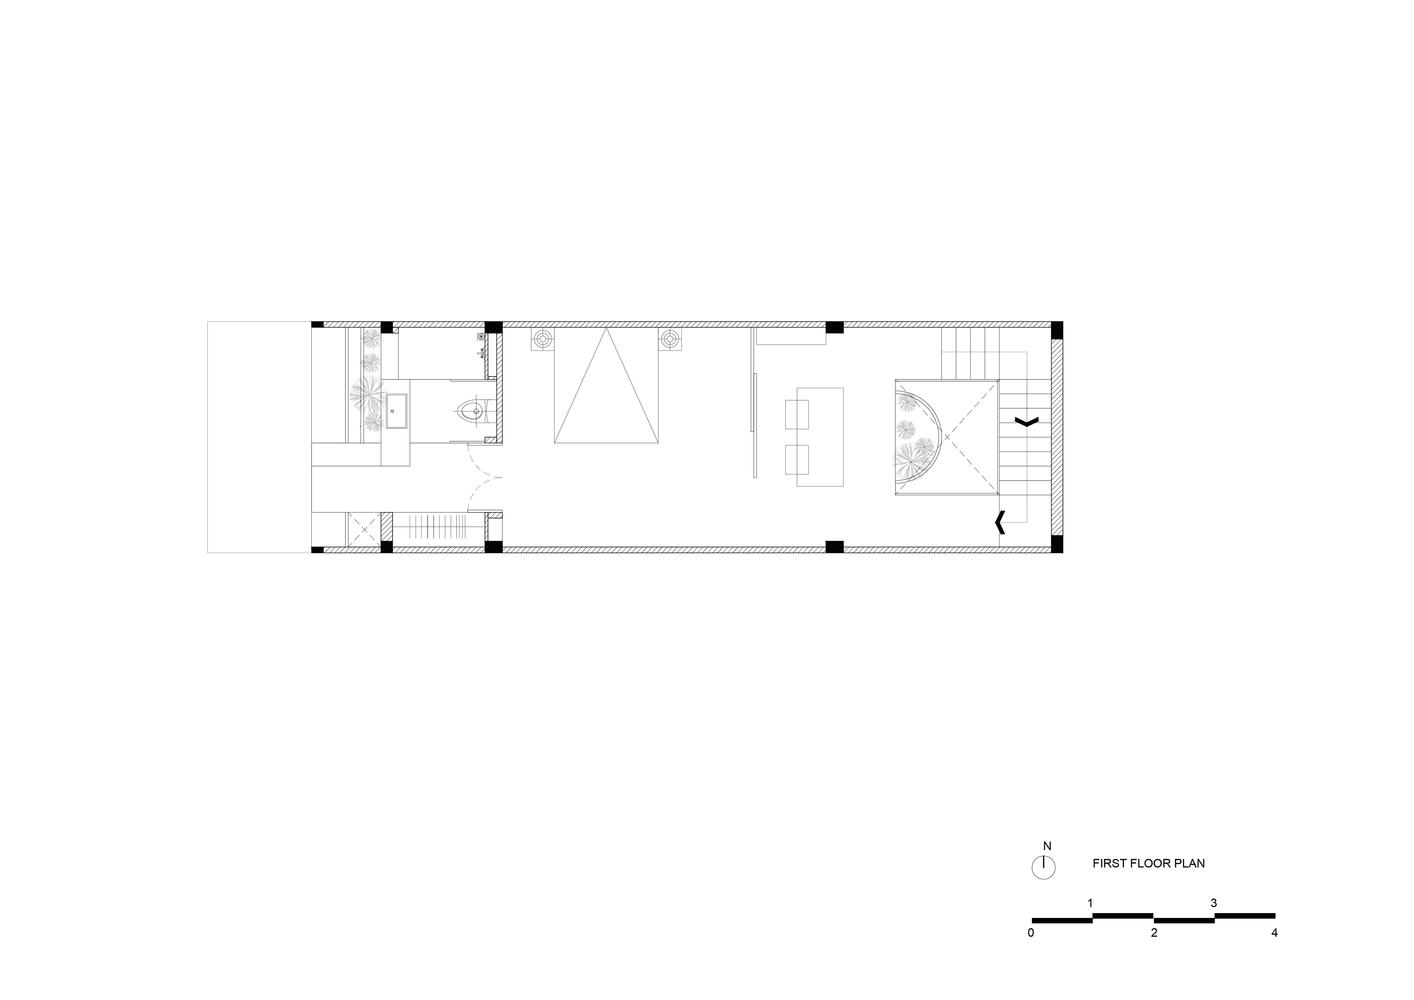 12.11.2020 floor plans final